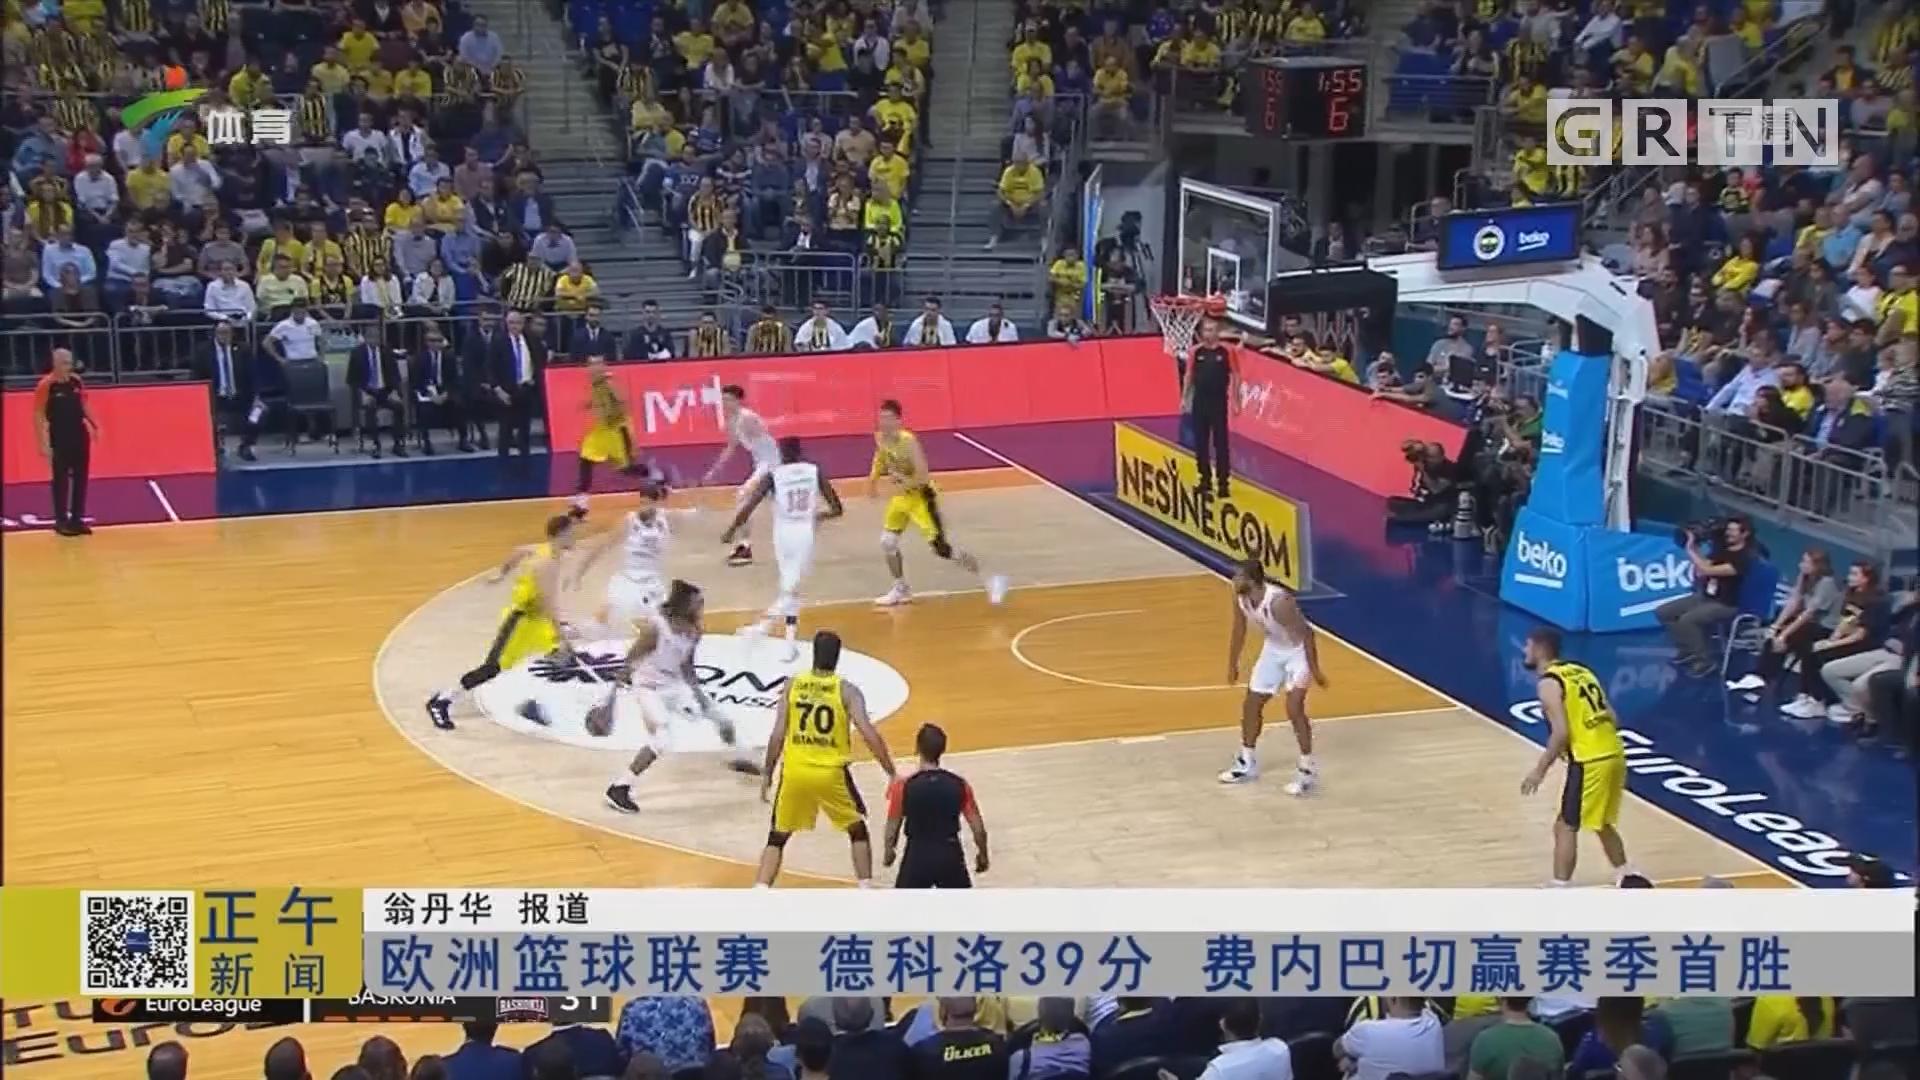 欧洲篮球联赛 德科洛39分 费内巴切赢赛季首胜